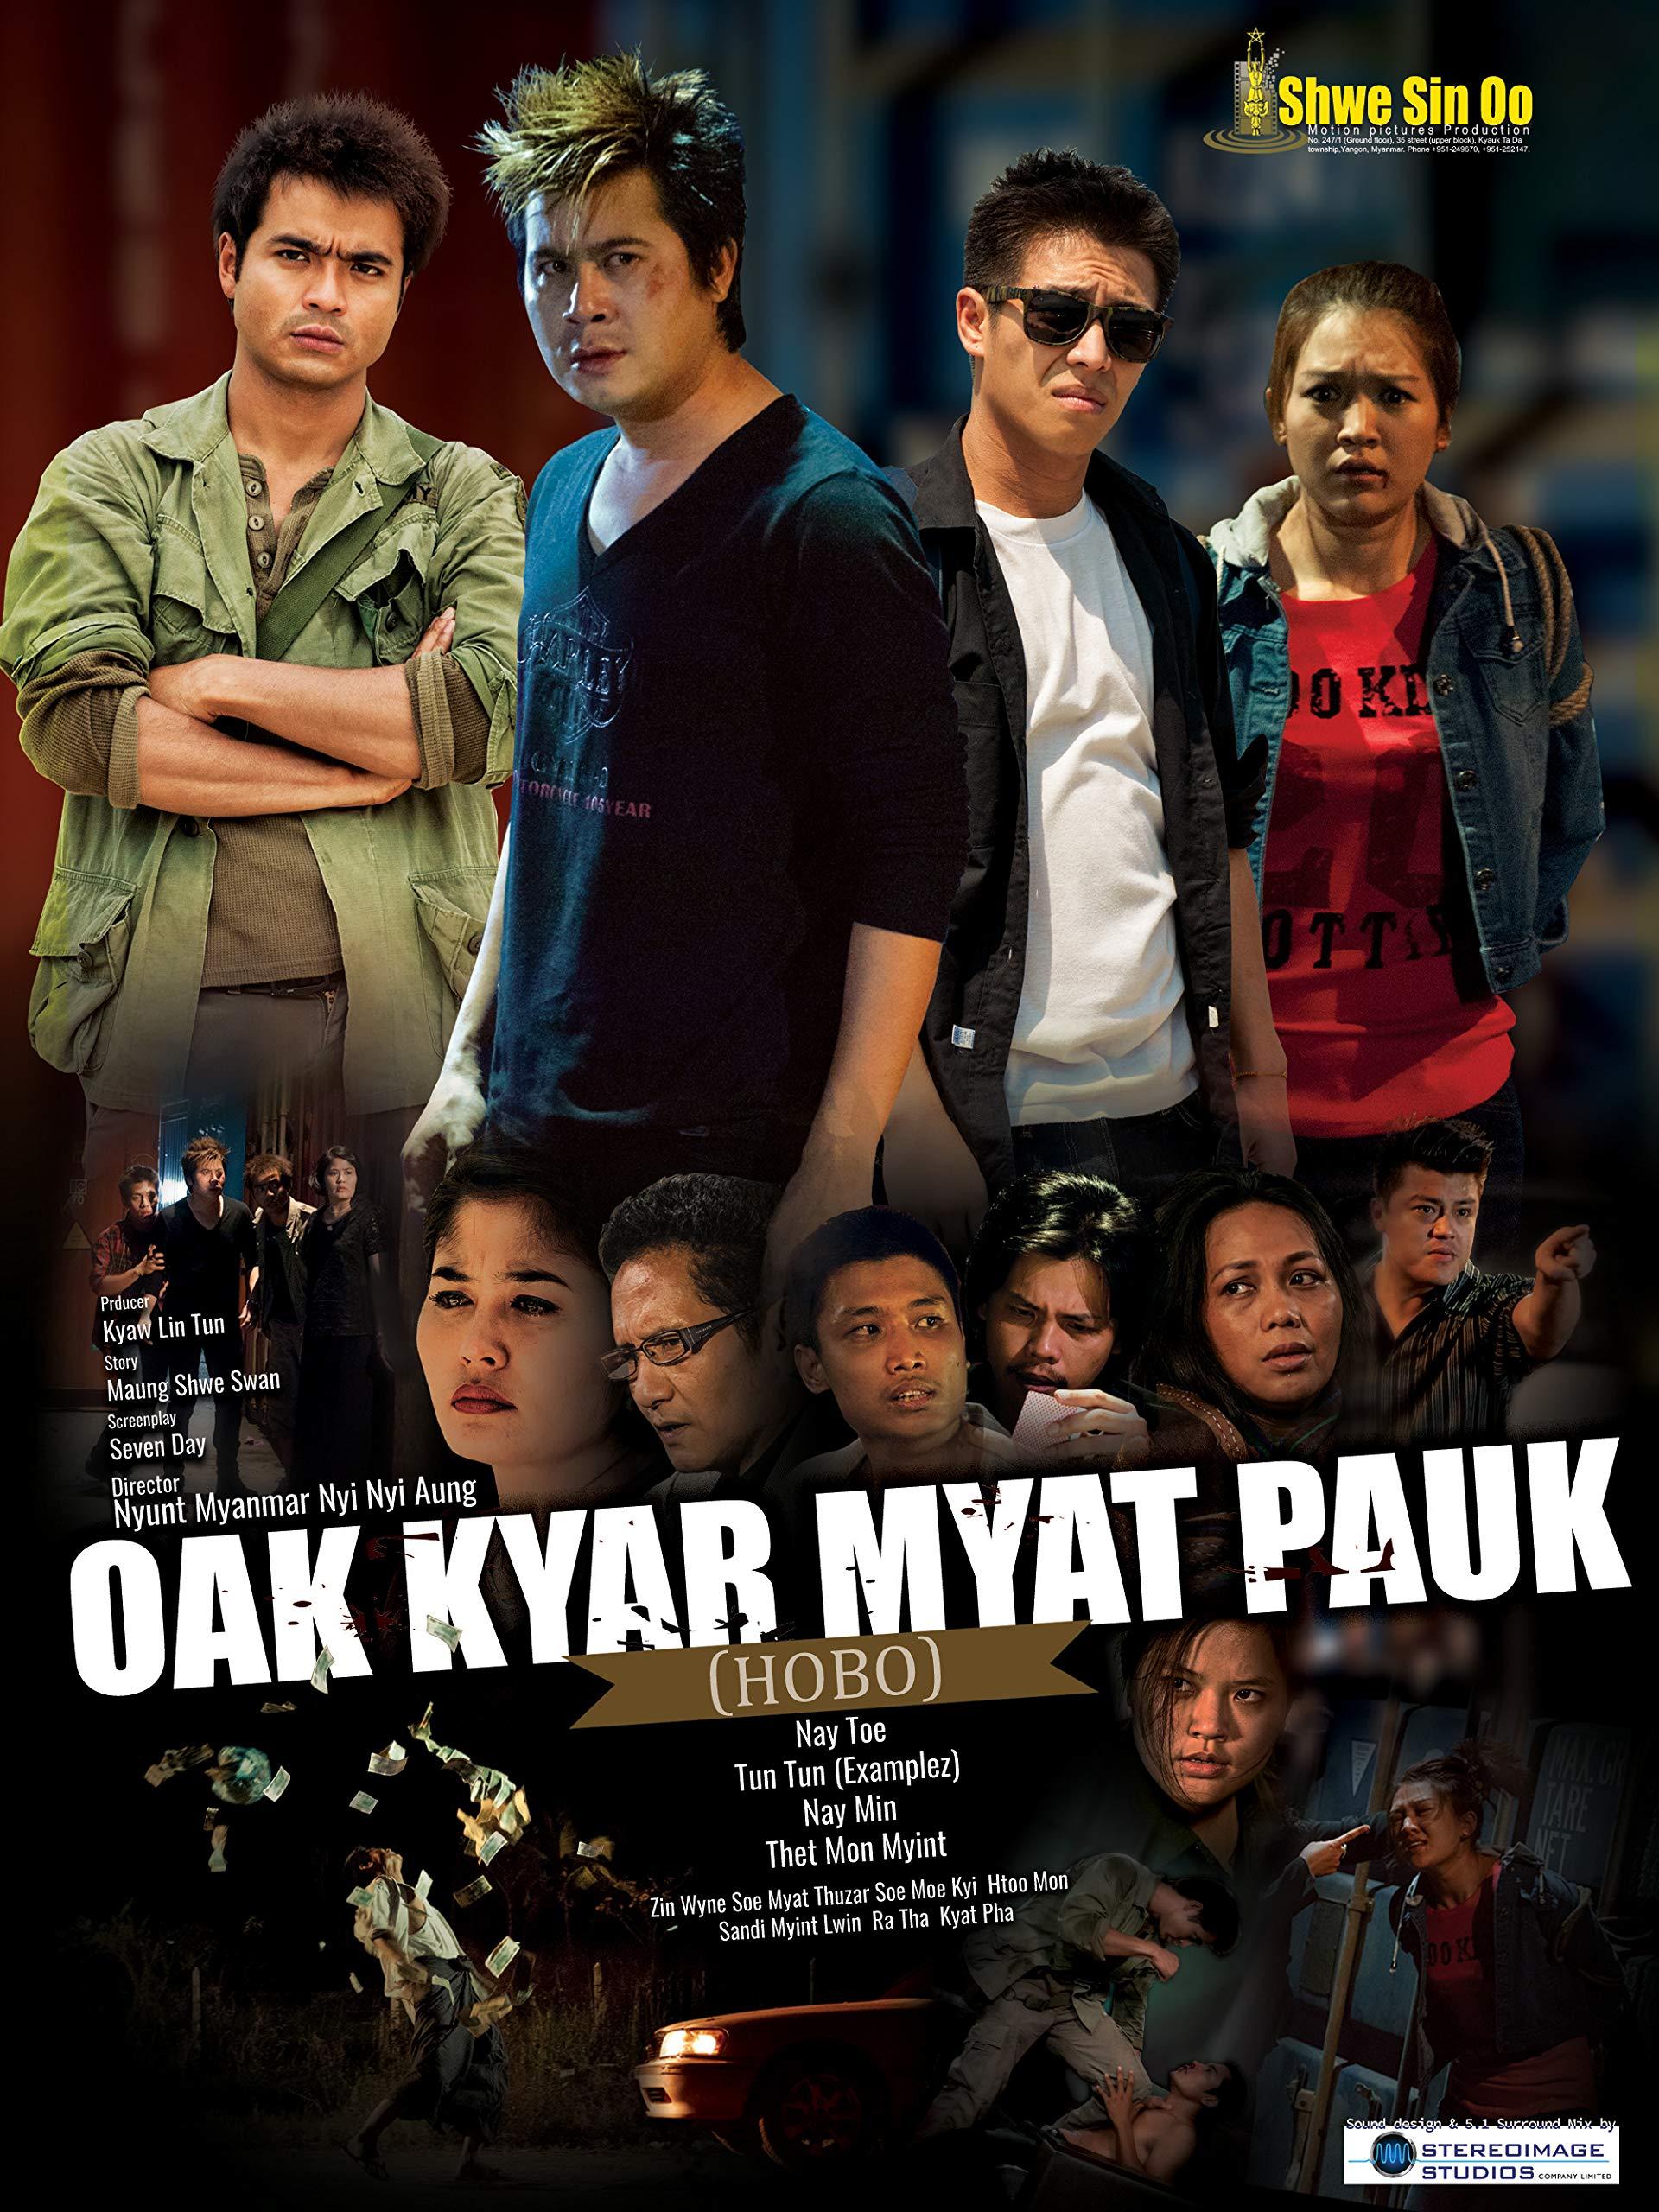 Oak Kyar Myat Pauk